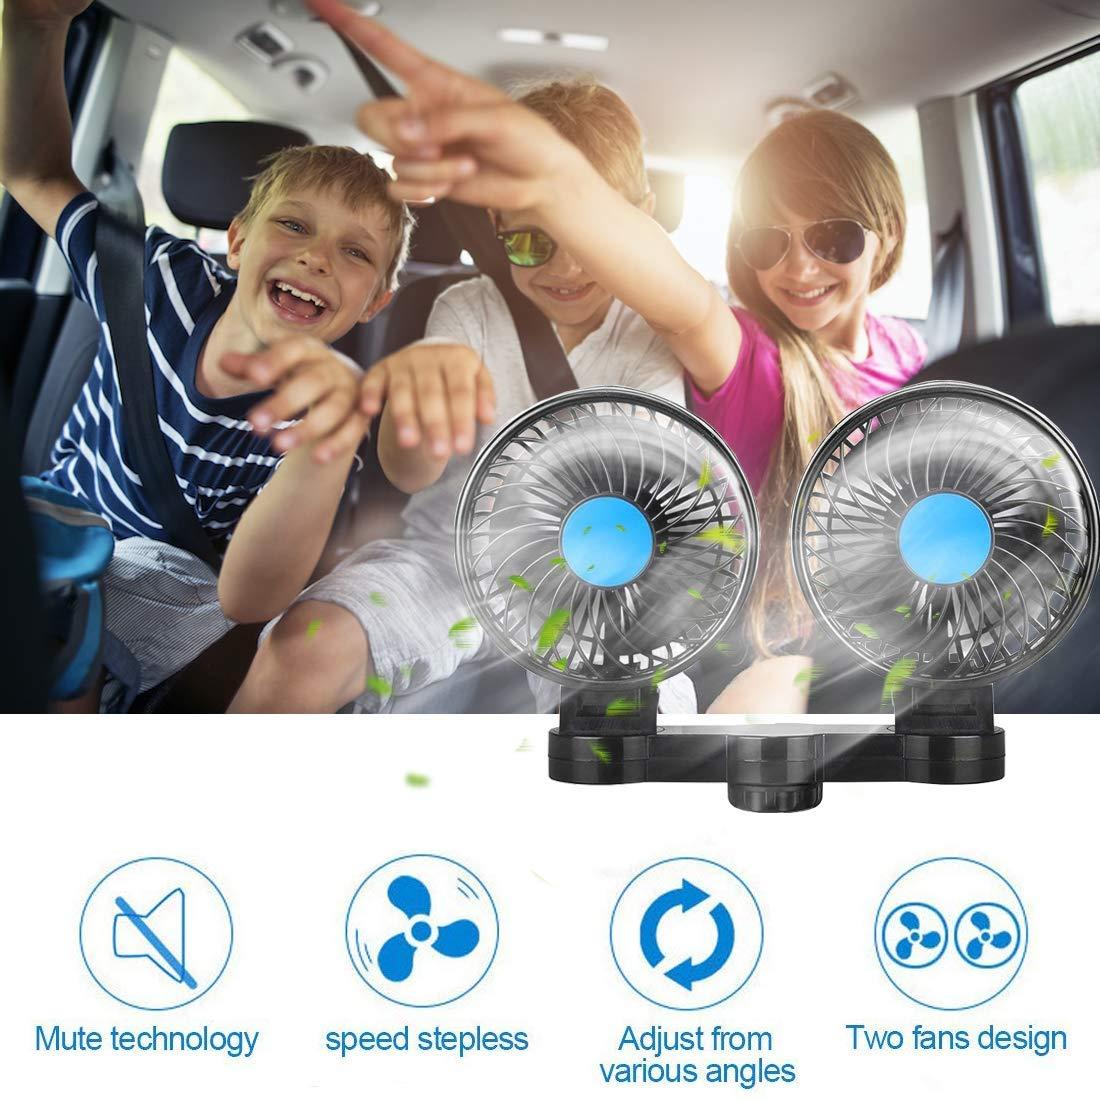 SEAMETAL Car Fan for Back Seat, Car Seat Fan Cigarette Lighter, Fan for Car 12V Headrest Black 4inches (Blue) by SEAMETAL (Image #2)